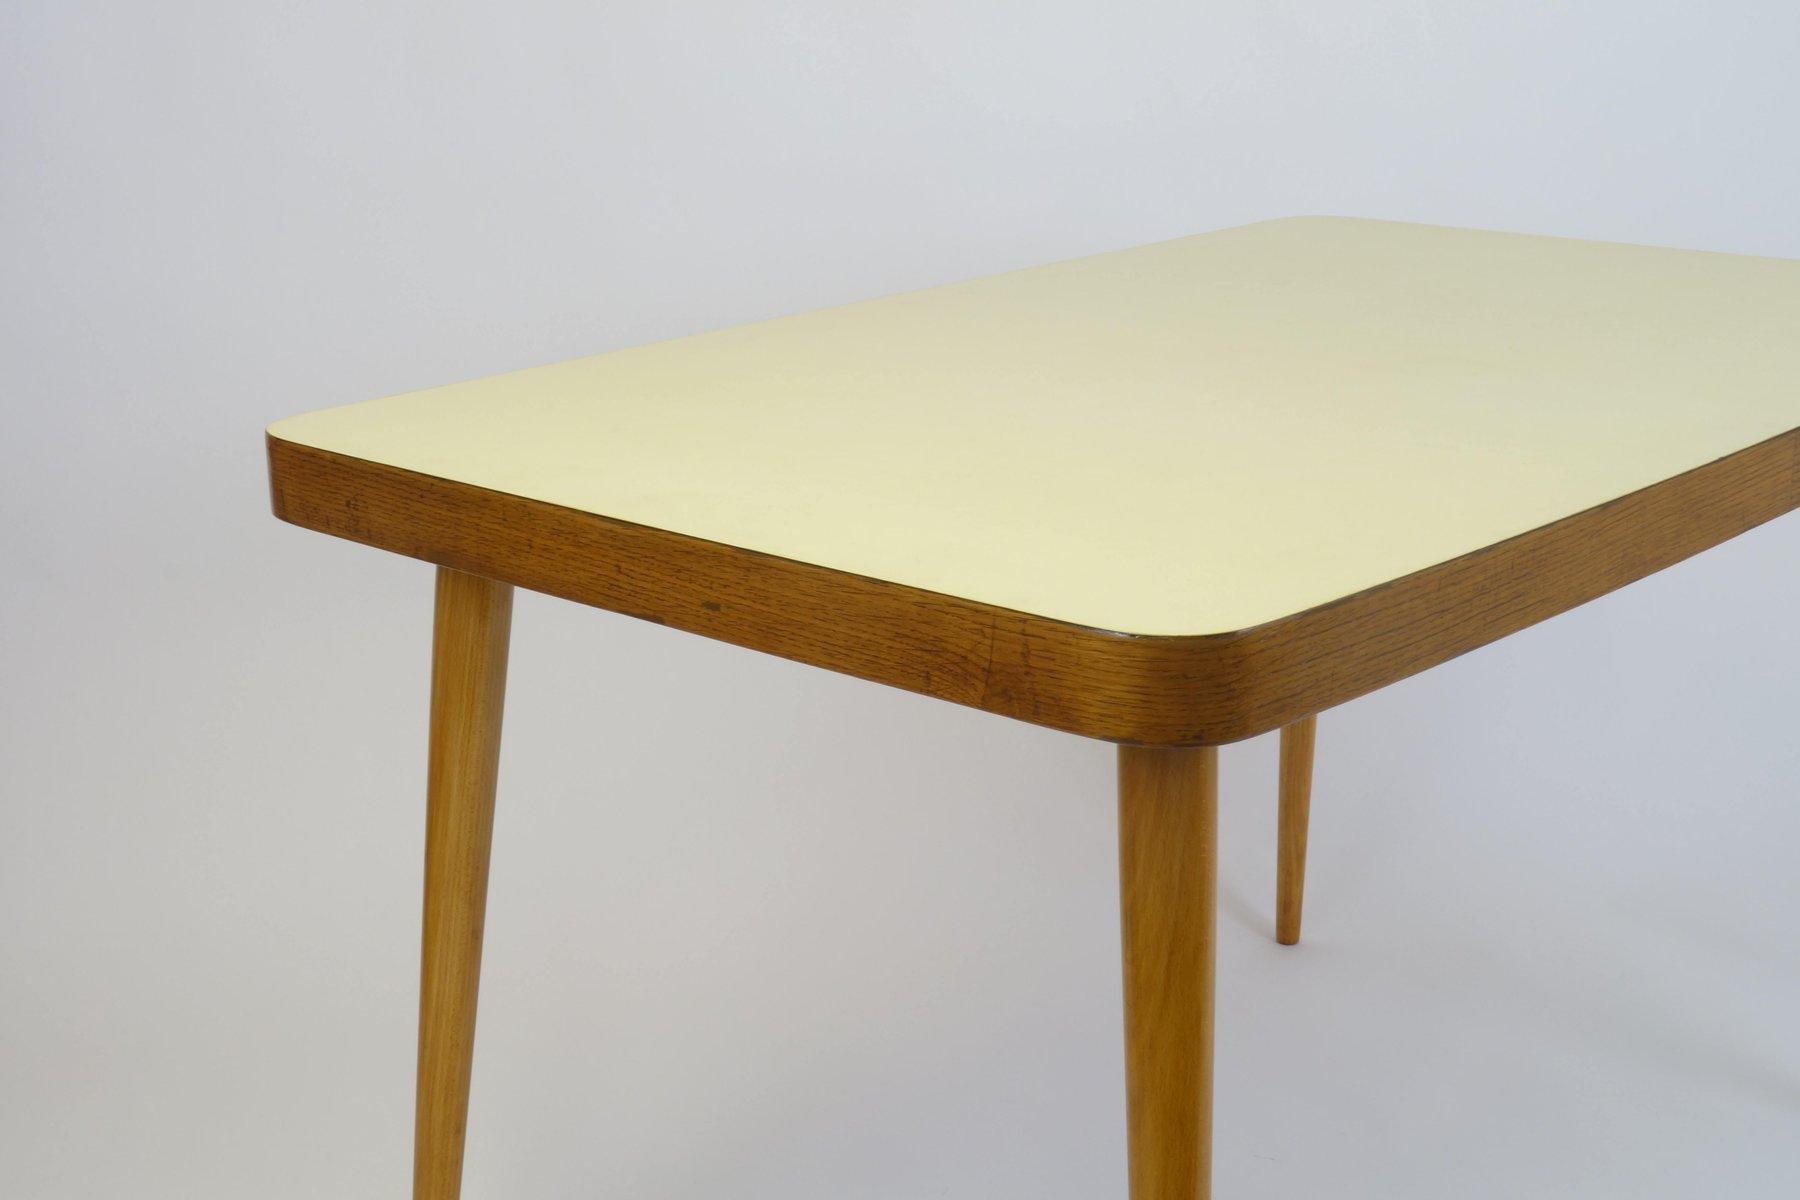 esstisch aus holz mit gelber tischplatte 1950er bei pamono kaufen. Black Bedroom Furniture Sets. Home Design Ideas